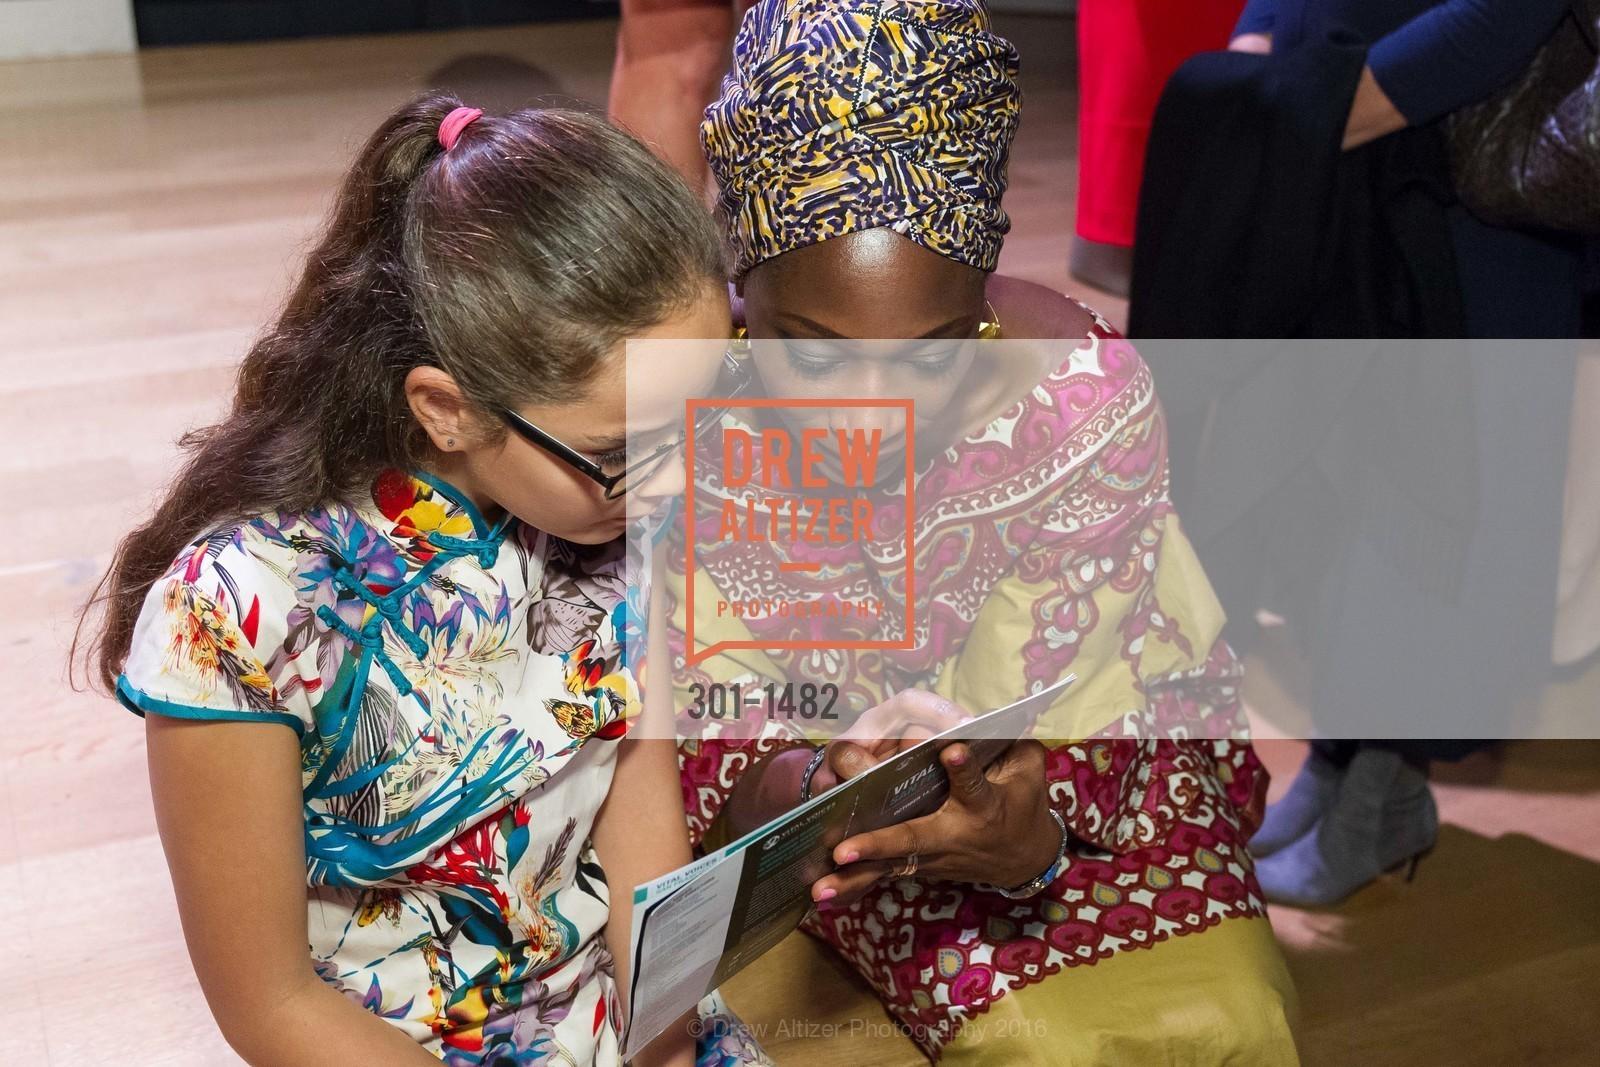 Hafsat Abiola-Costello, Photo #301-1482